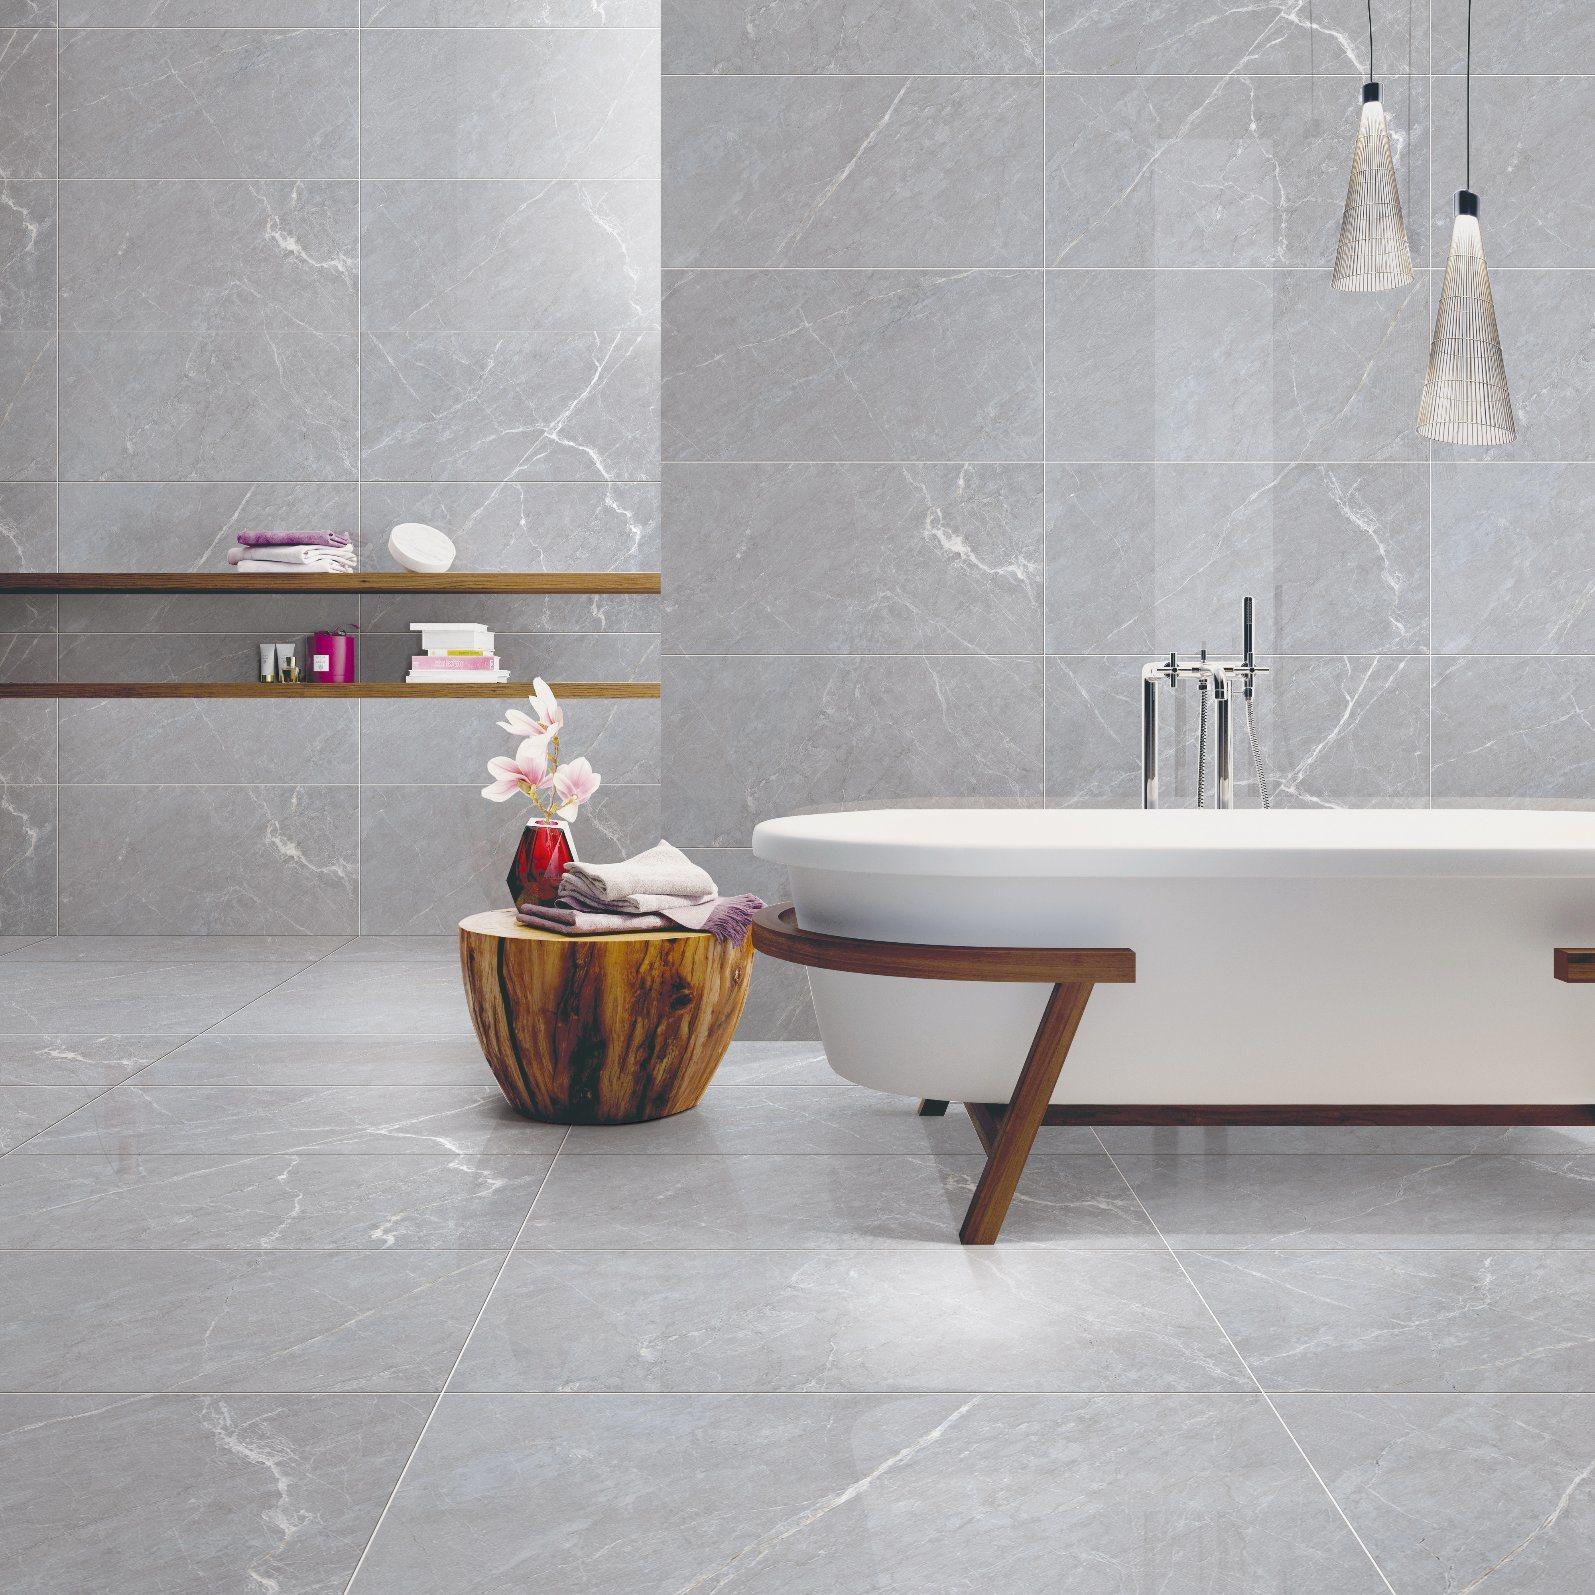 Floor Ceramic Porcelain Tile, Is Ceramic Or Porcelain Tile Better For Bathroom Walls